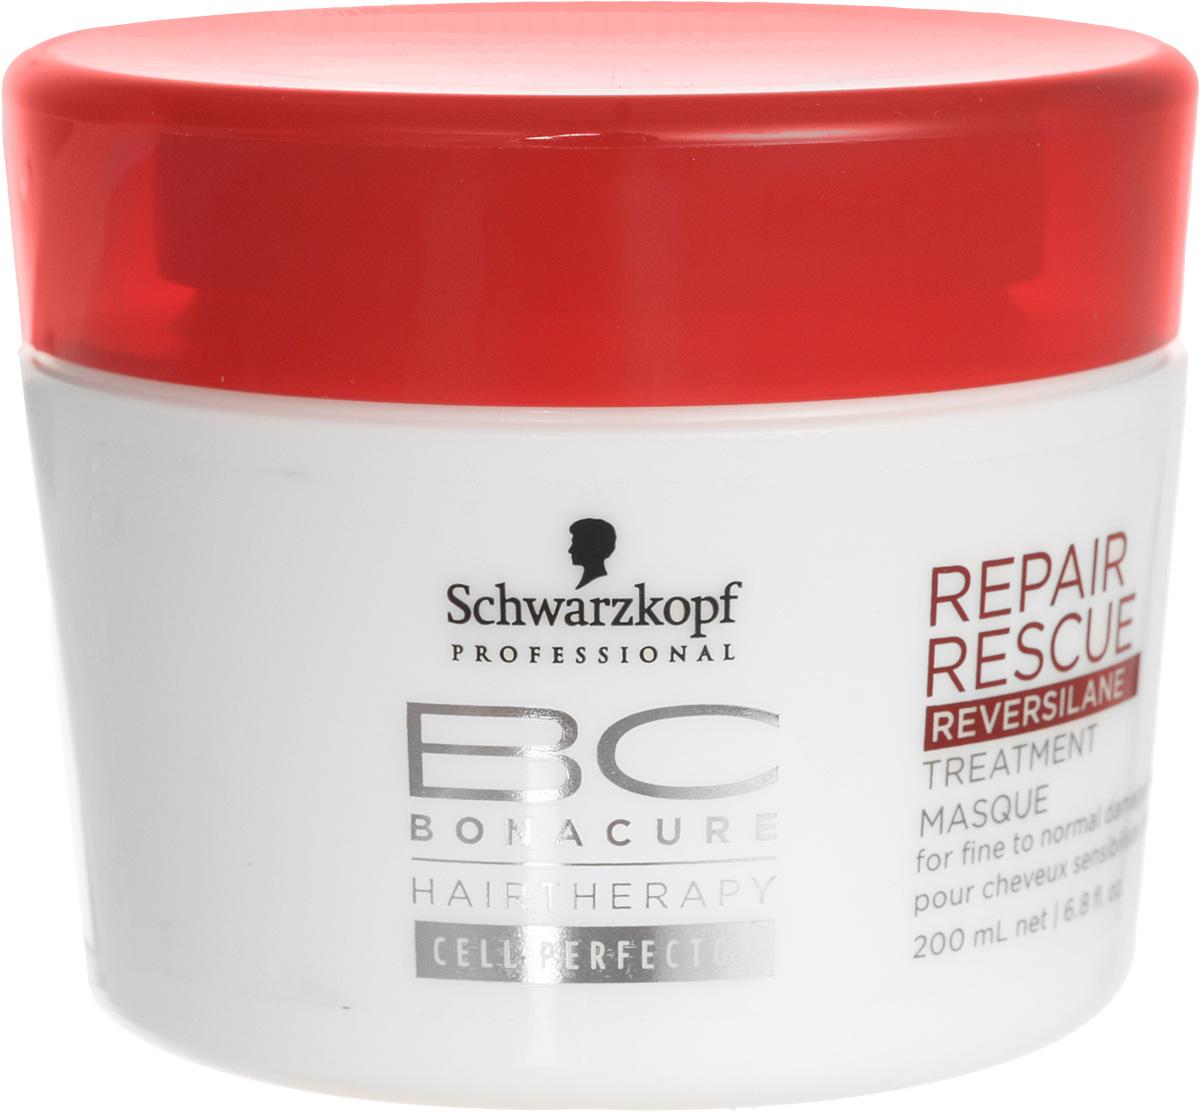 Bonacure Маска для волос Спасительное Восстановление Repair Rescue Treatment 200 млAC-2233_серыйГлубоко питающая маска для очень поврежденных, нормальных и густых волос. Реконструирует внутреннюю и внешнюю структуру волоса. Распутывает волосы и улучшает расчесываемость. Высокая концентрация протеолипидов в формуле направленна на восстановление внешней структуры волоса, а Аминная Технология Клеточного Восстановления работает на поврежденных участках внутренней структуры. Волосы приобретают эластичность, плотность и блеск по всей длине. Рекомендуется использовать в комплексе с шампунем BC Repair Rescue.